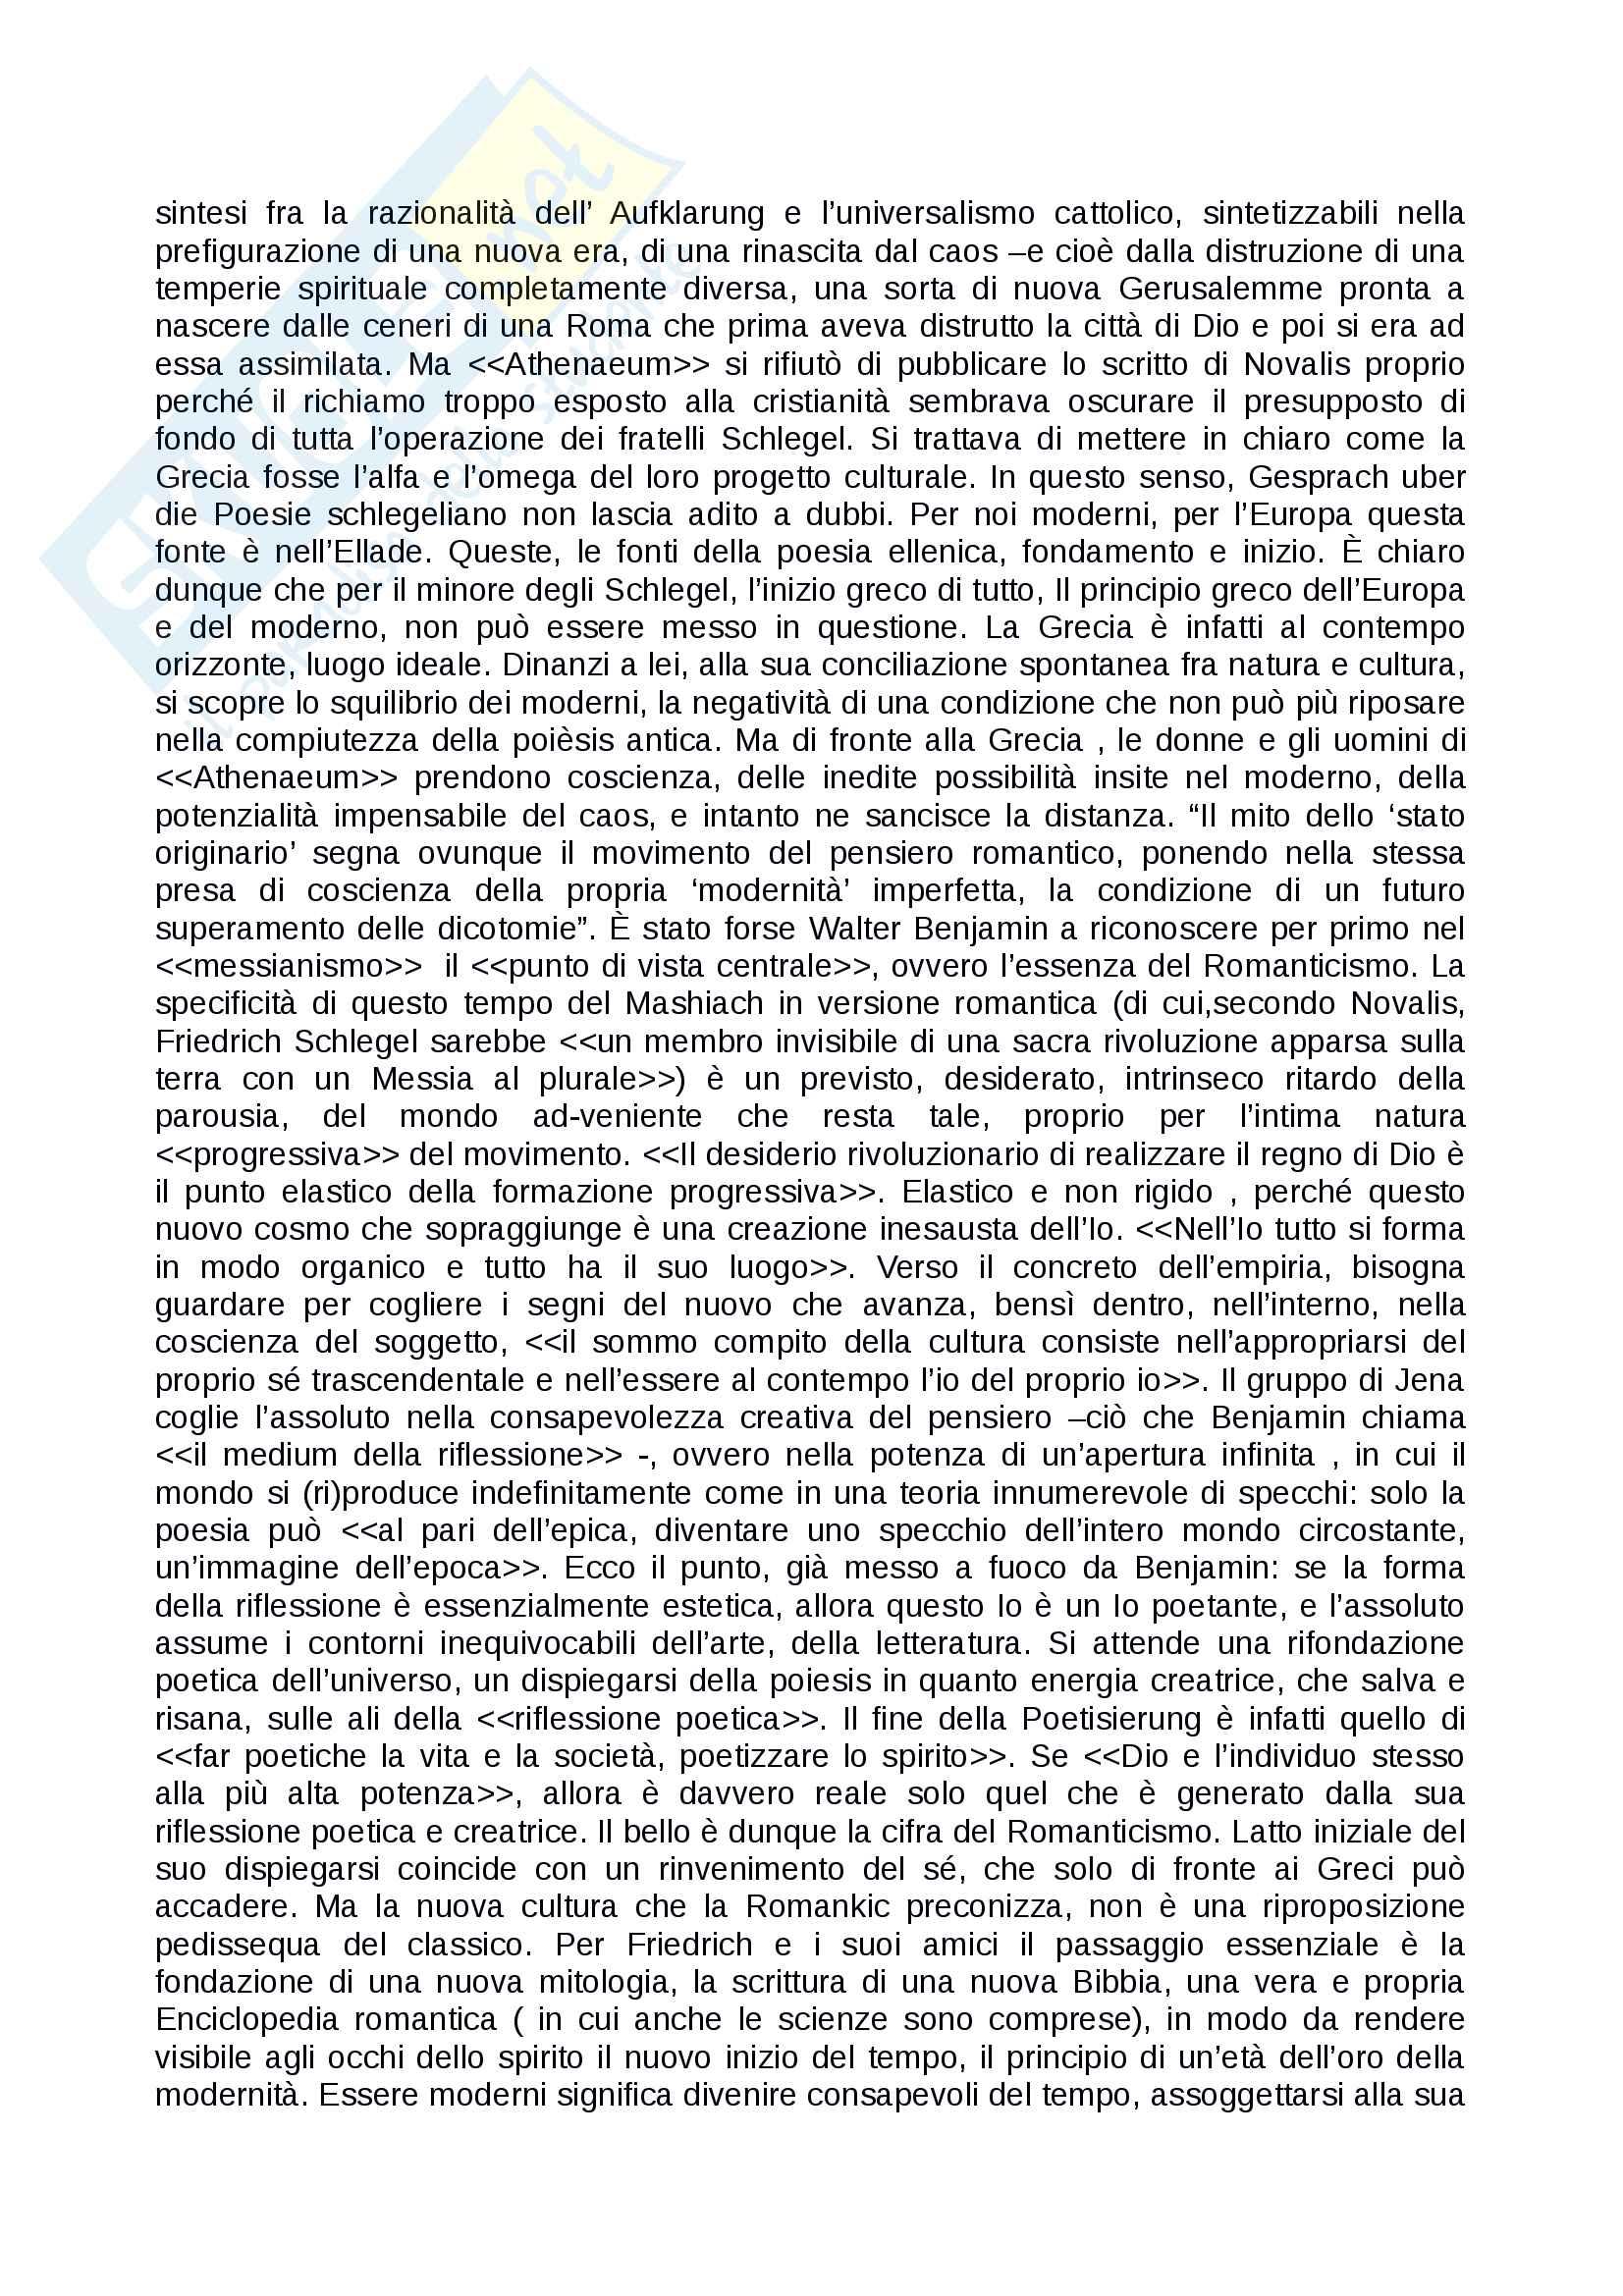 Riassunto esame ermeneutica, docente Sichera, testo consigliato: Ceux qui cherchent en g missant Crepuscolo e nascondimento di Dio nella scrittura letteraria Pag. 2